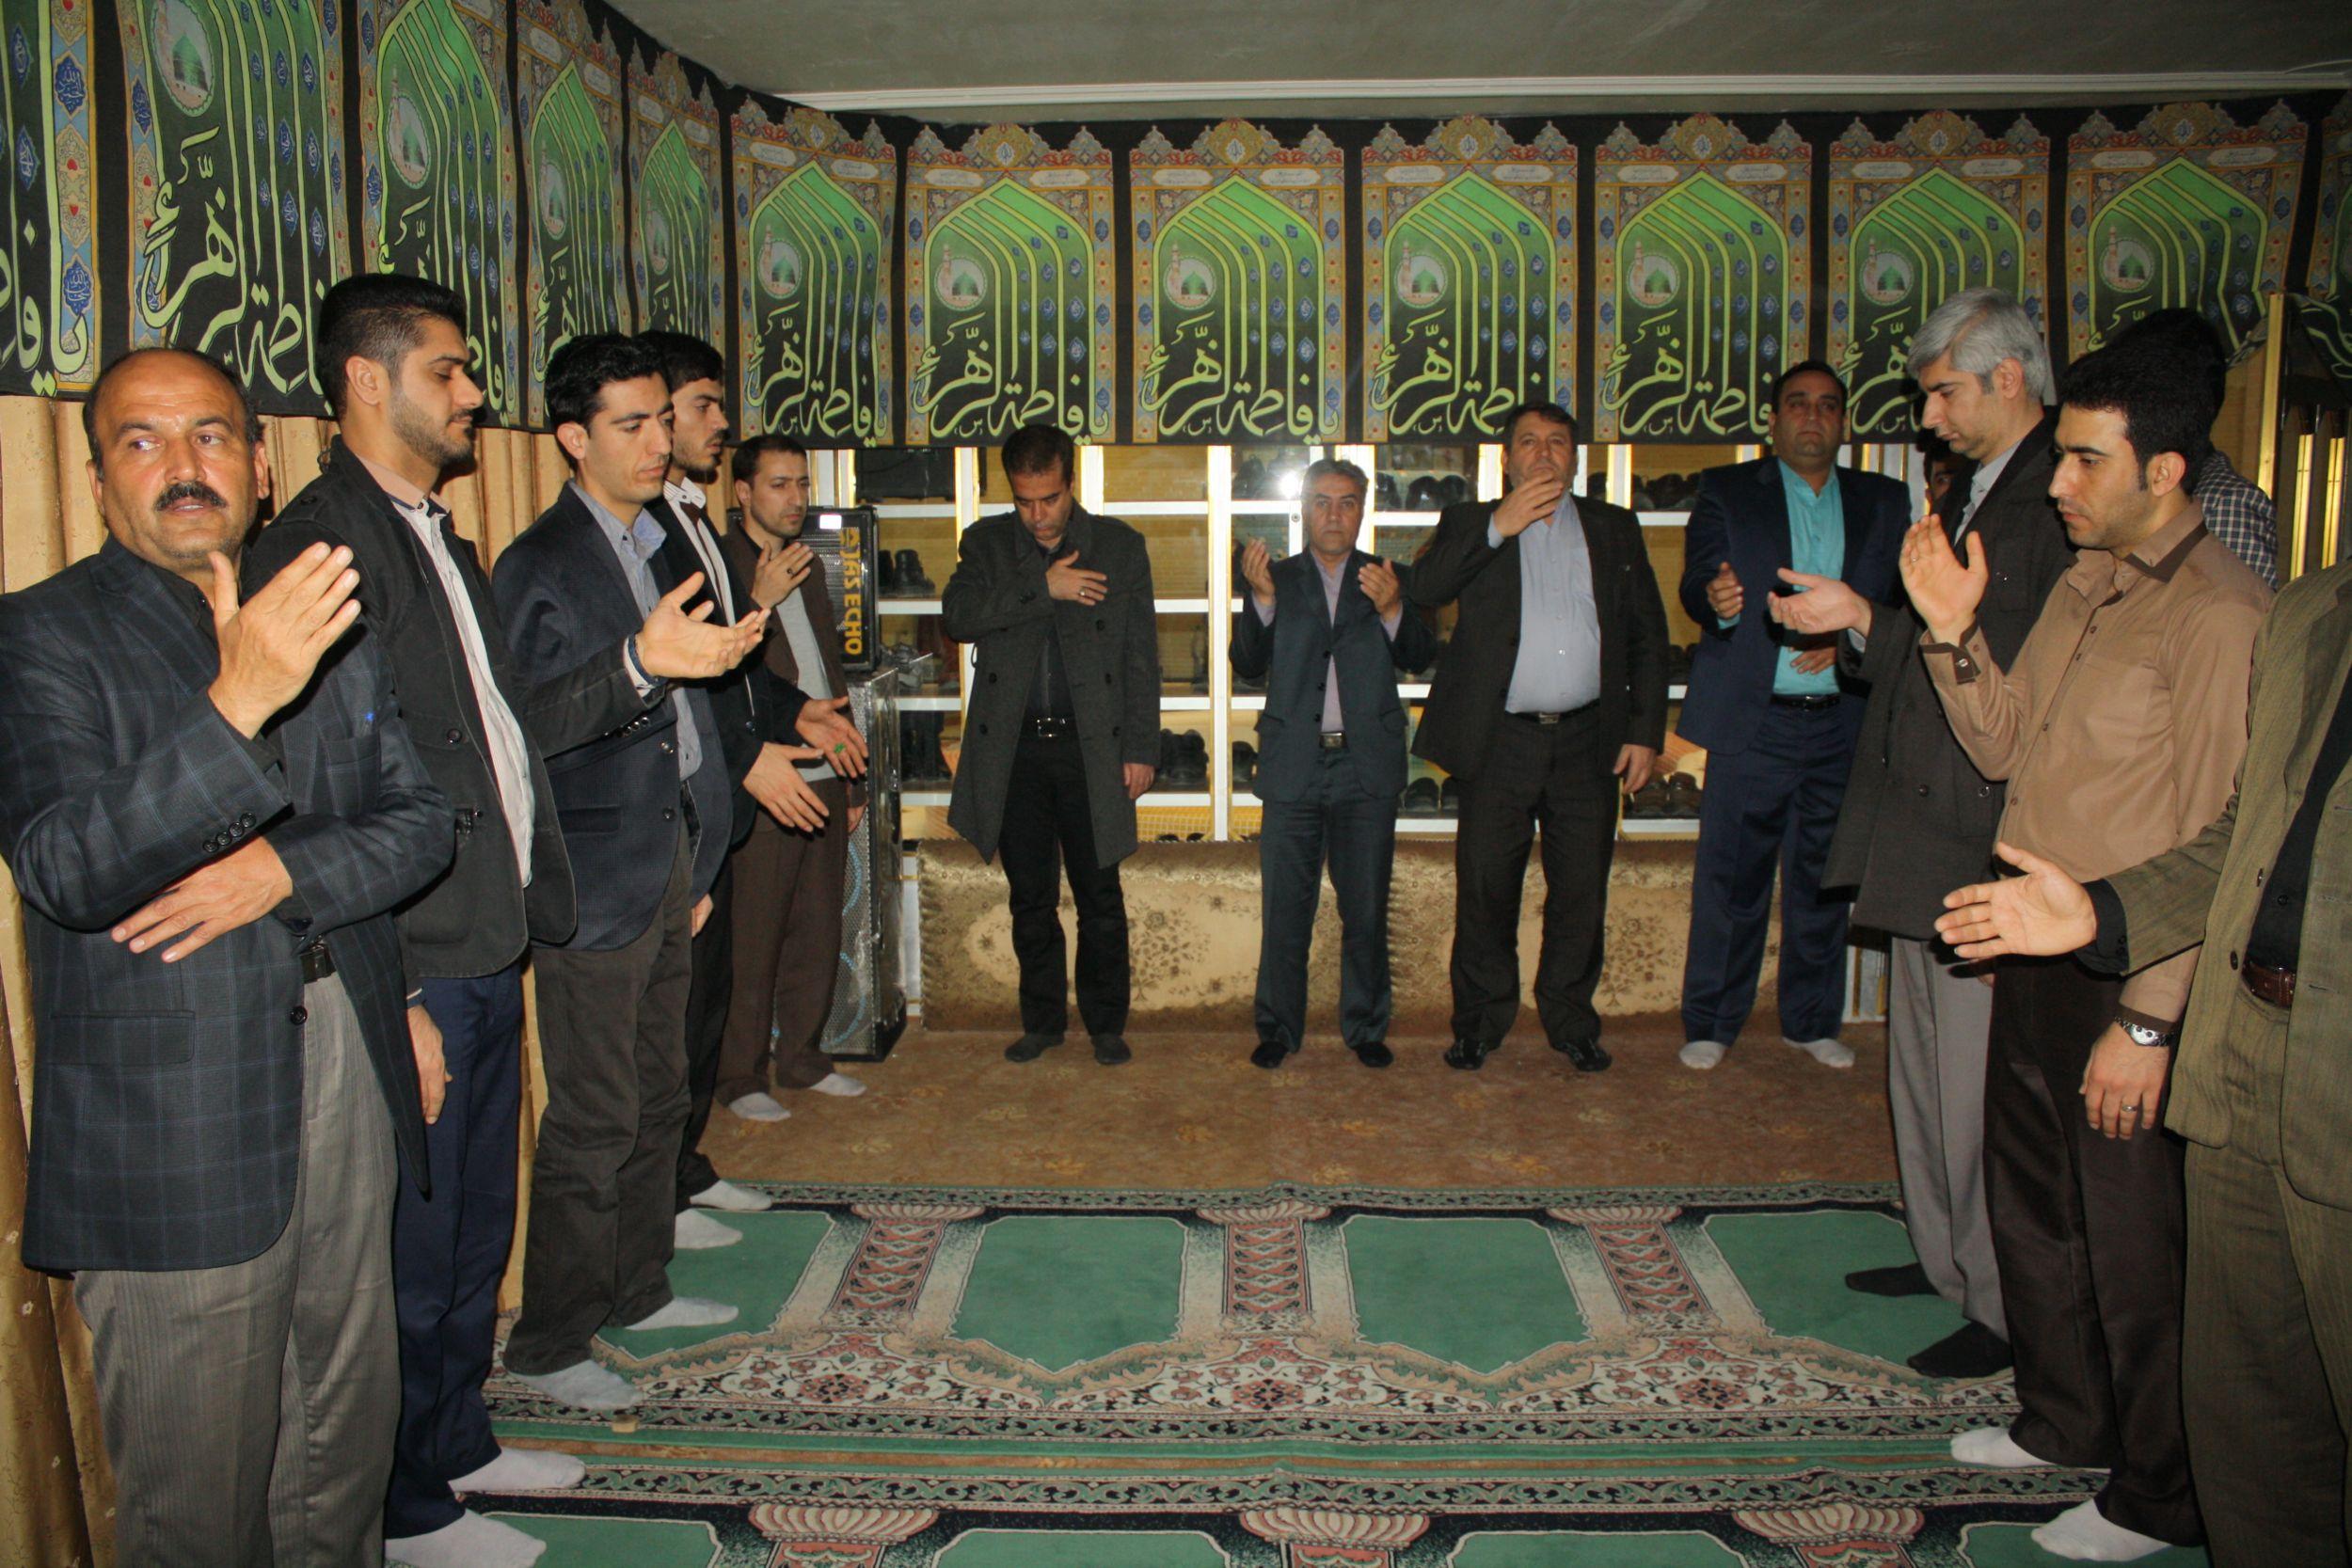 اقامه عزا بر مظلومیت حضرت فاطمه(س) به مدت ۱۰ روز در شهرداری ورامین